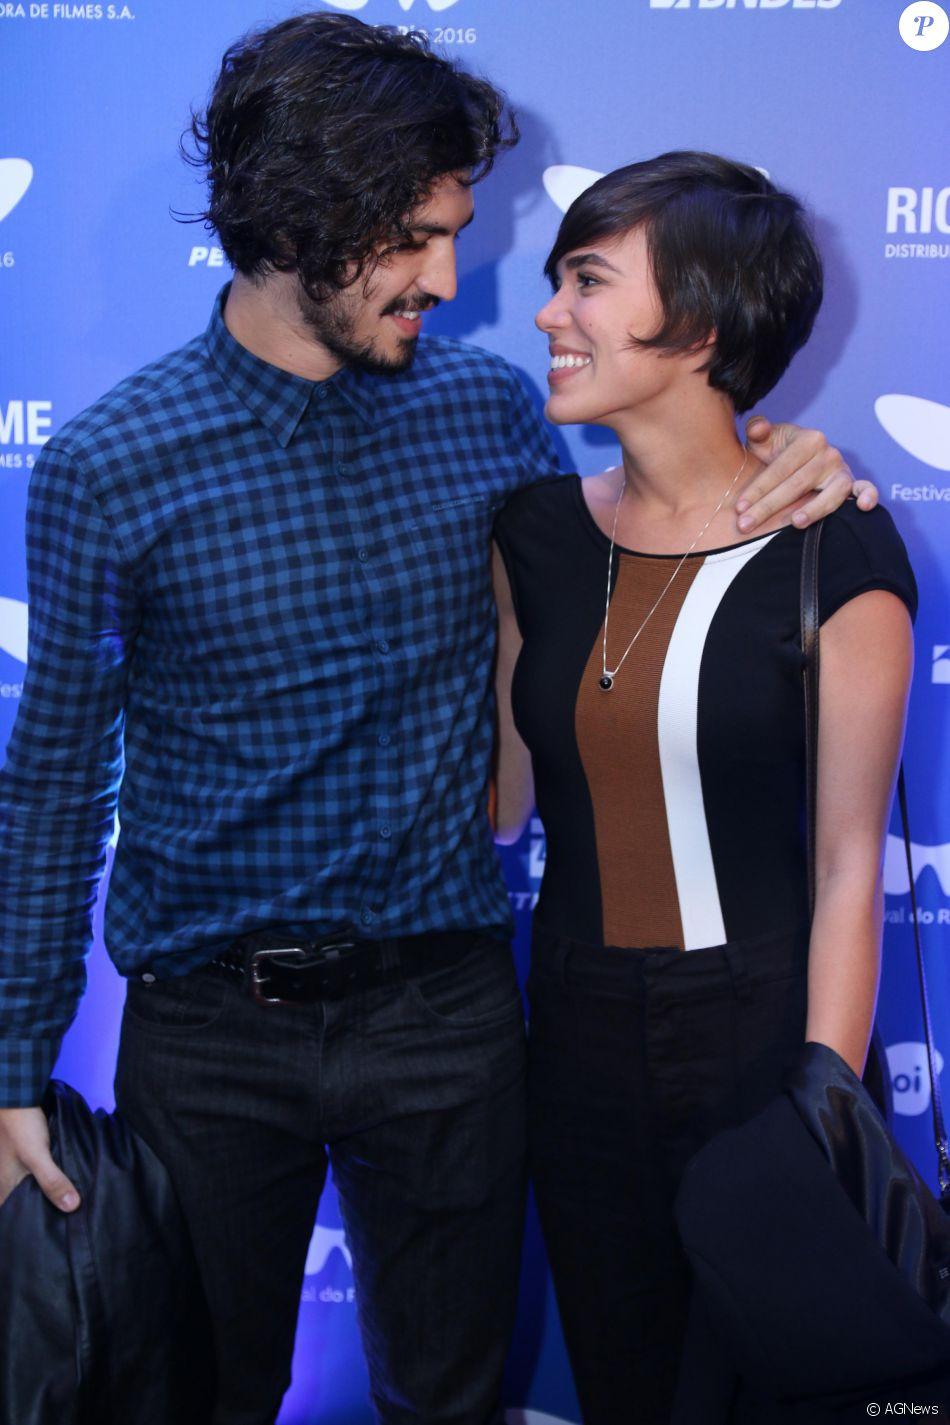 Gabriel Leone e Carla Salle posaram juntos antes da exibição do filme 'O Filho Eterno', no Festival do Rio , em 11 de outubro de 2016